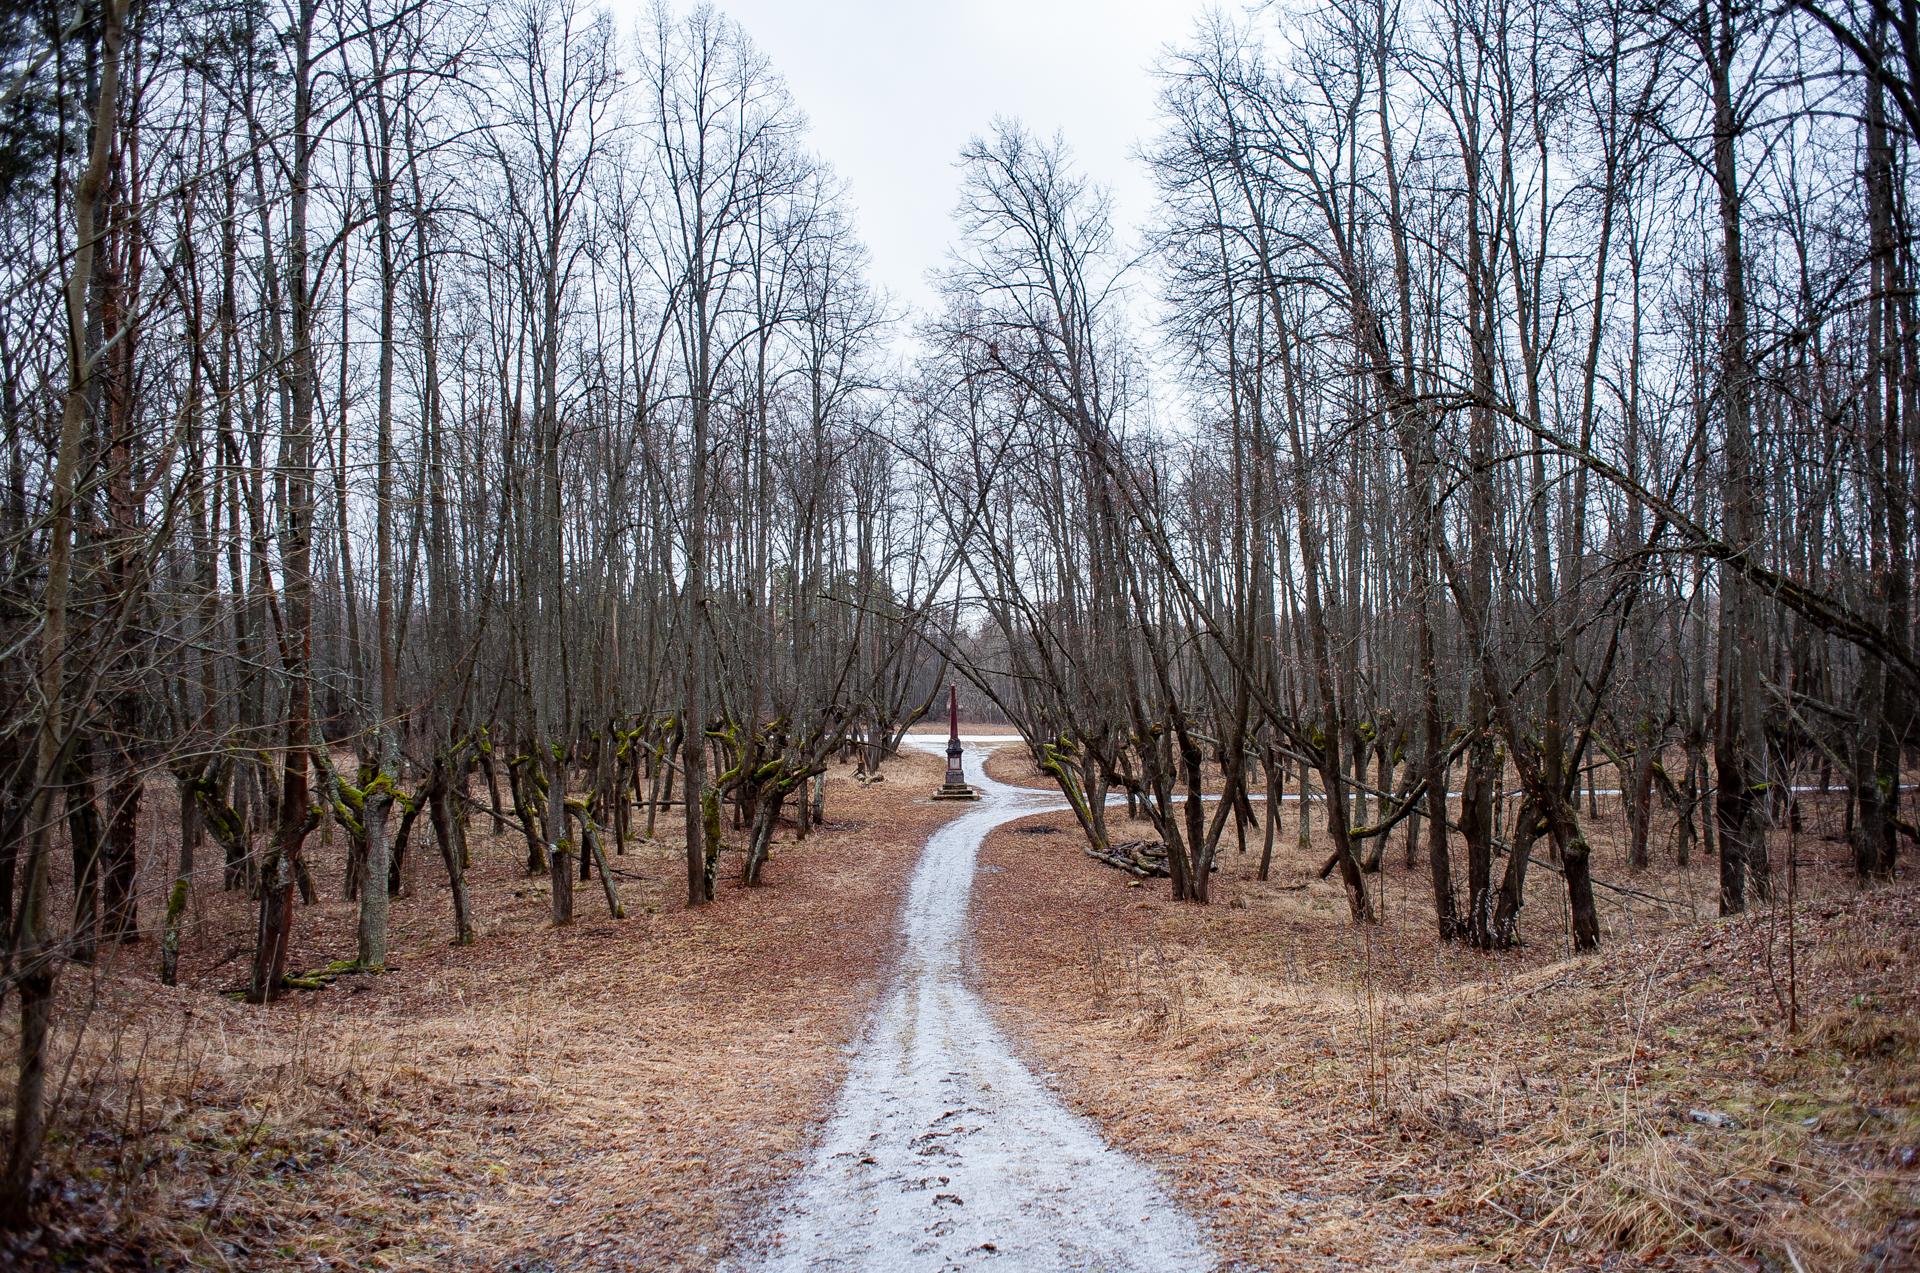 Ярополец, Усадьба Чернышевых и парк усадьбы